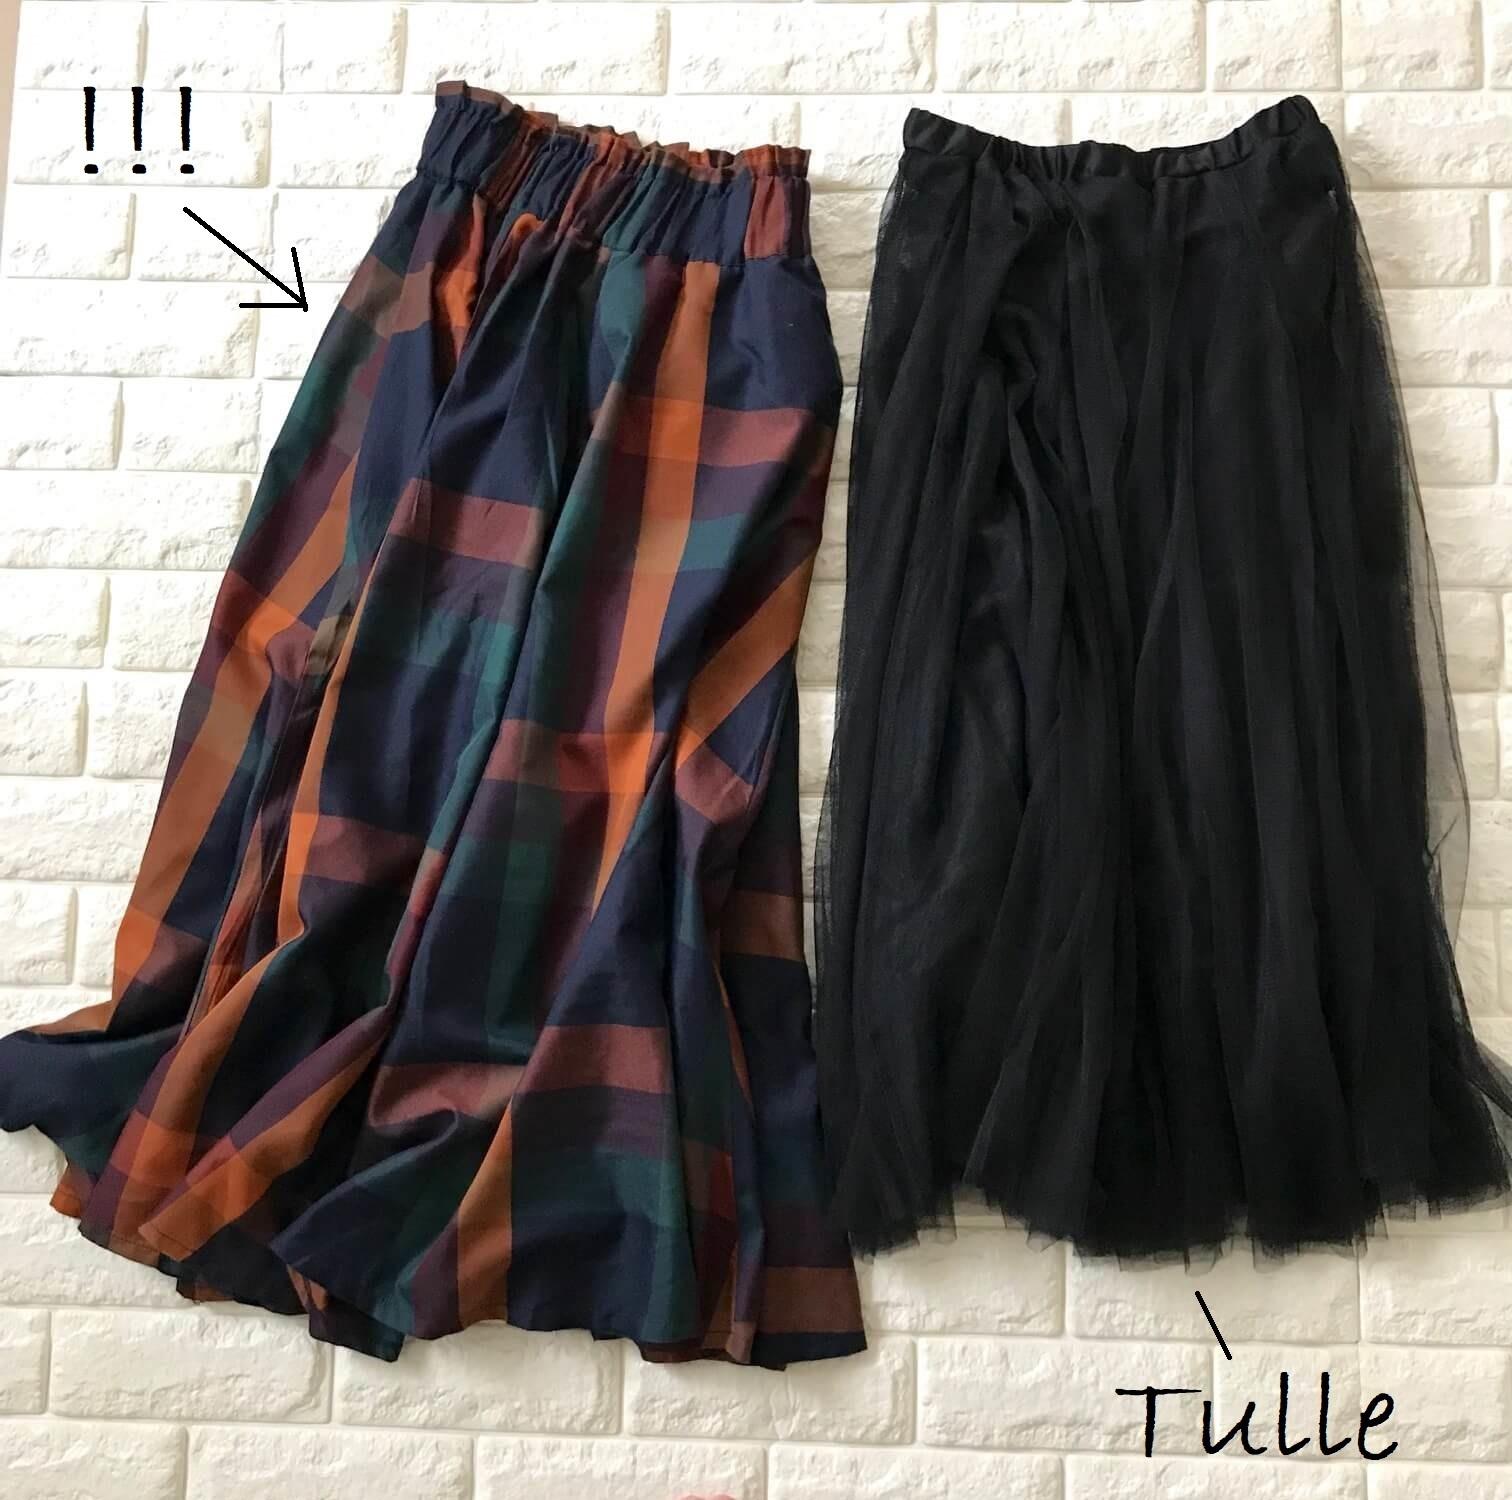 tiptopのチュールとチェック柄スカート並列画像